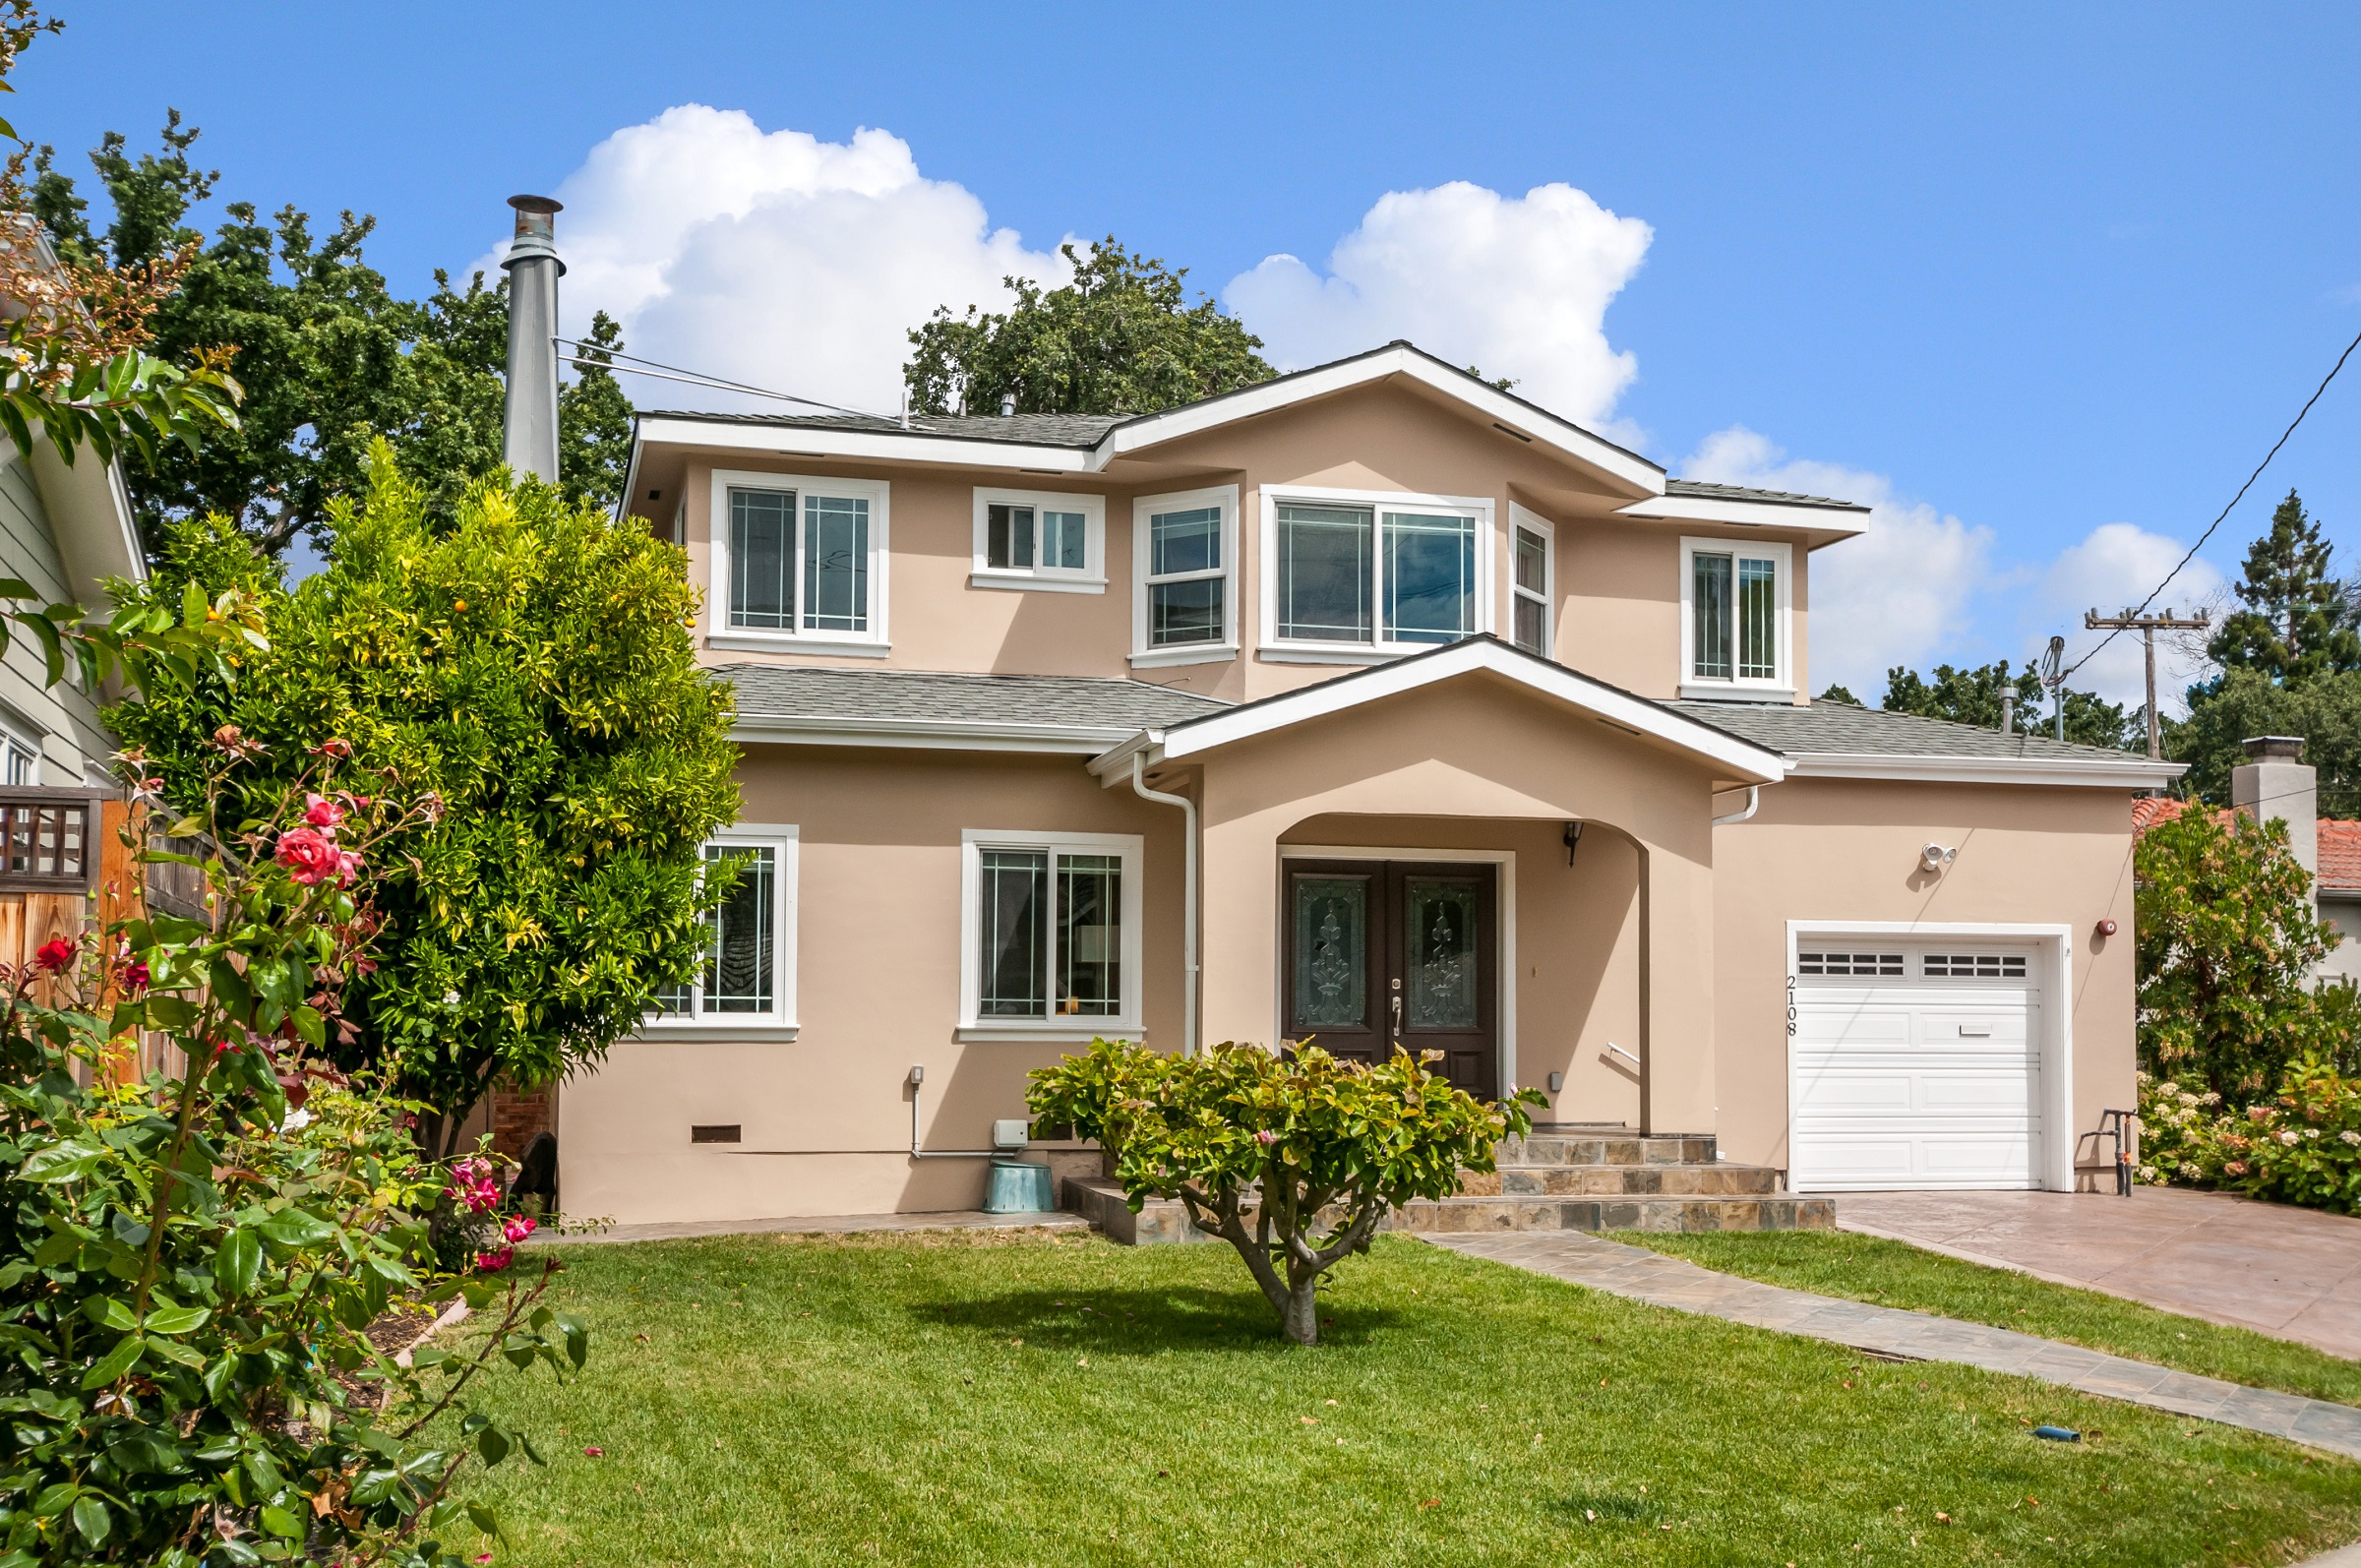 sales property at 2108 Eaton, San Carlos